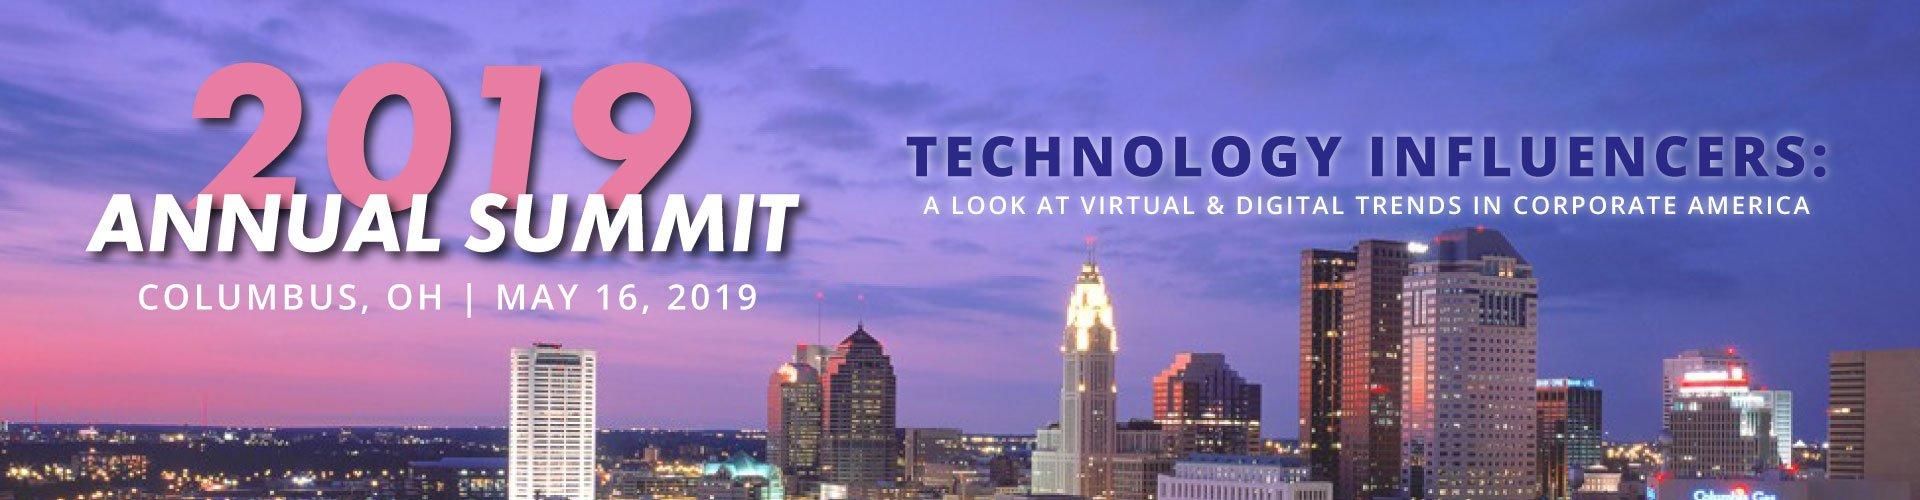 Columbus-Ohio-annual-summit-v2